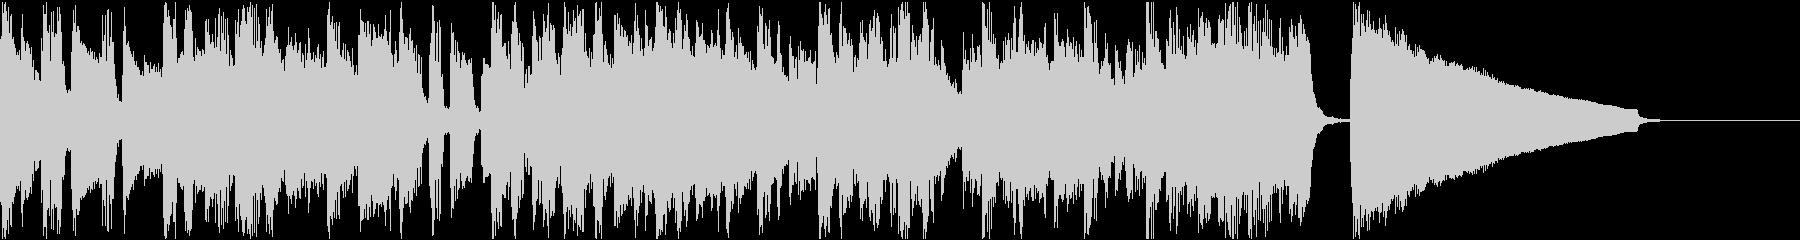 ベースのフレーズがよく動く曲の未再生の波形